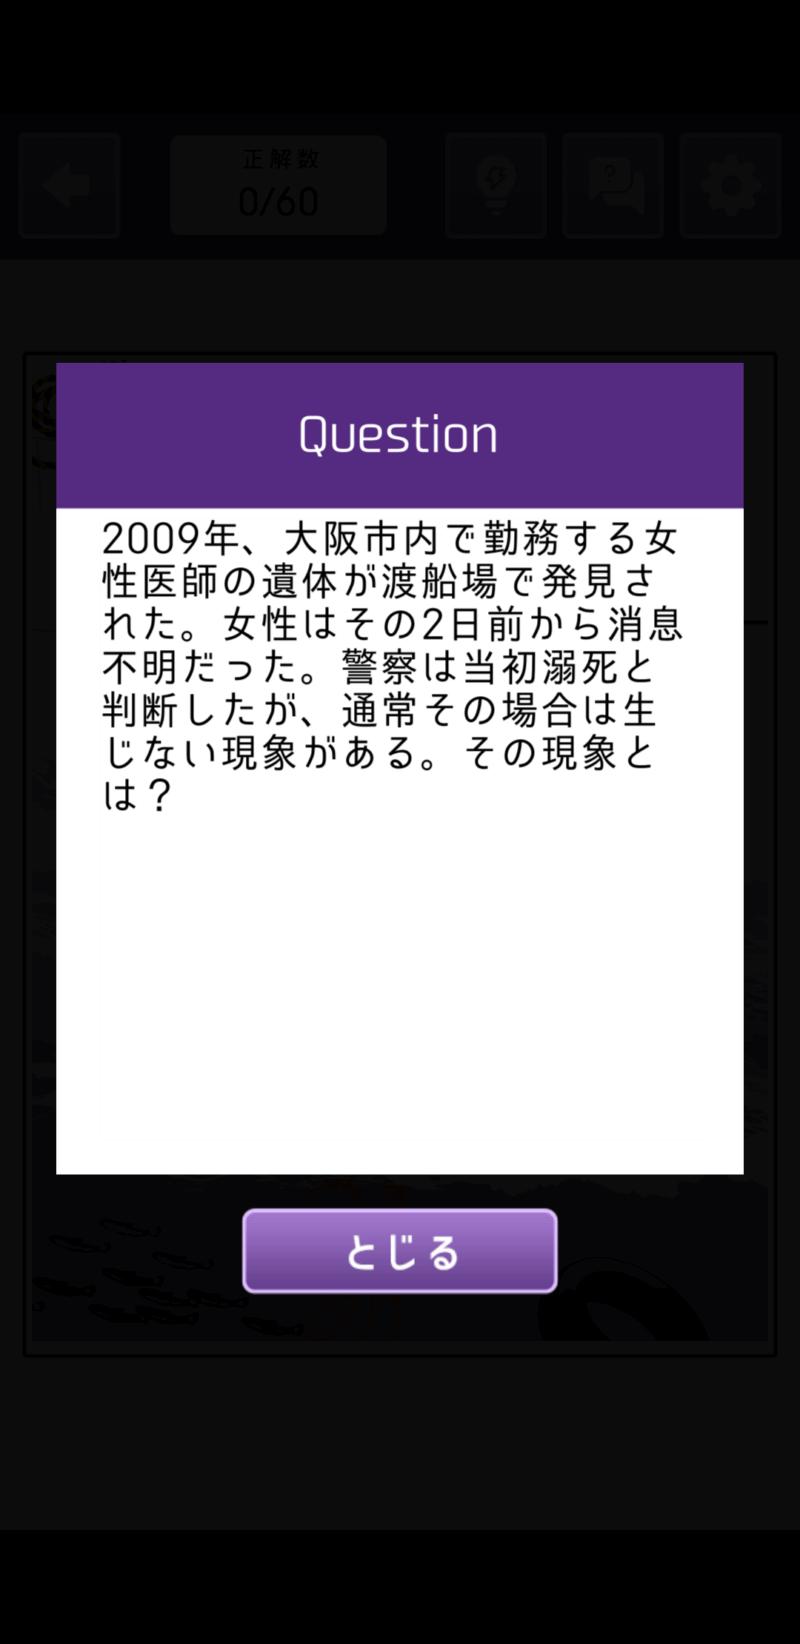 迷宮ミステリー1問目の問題